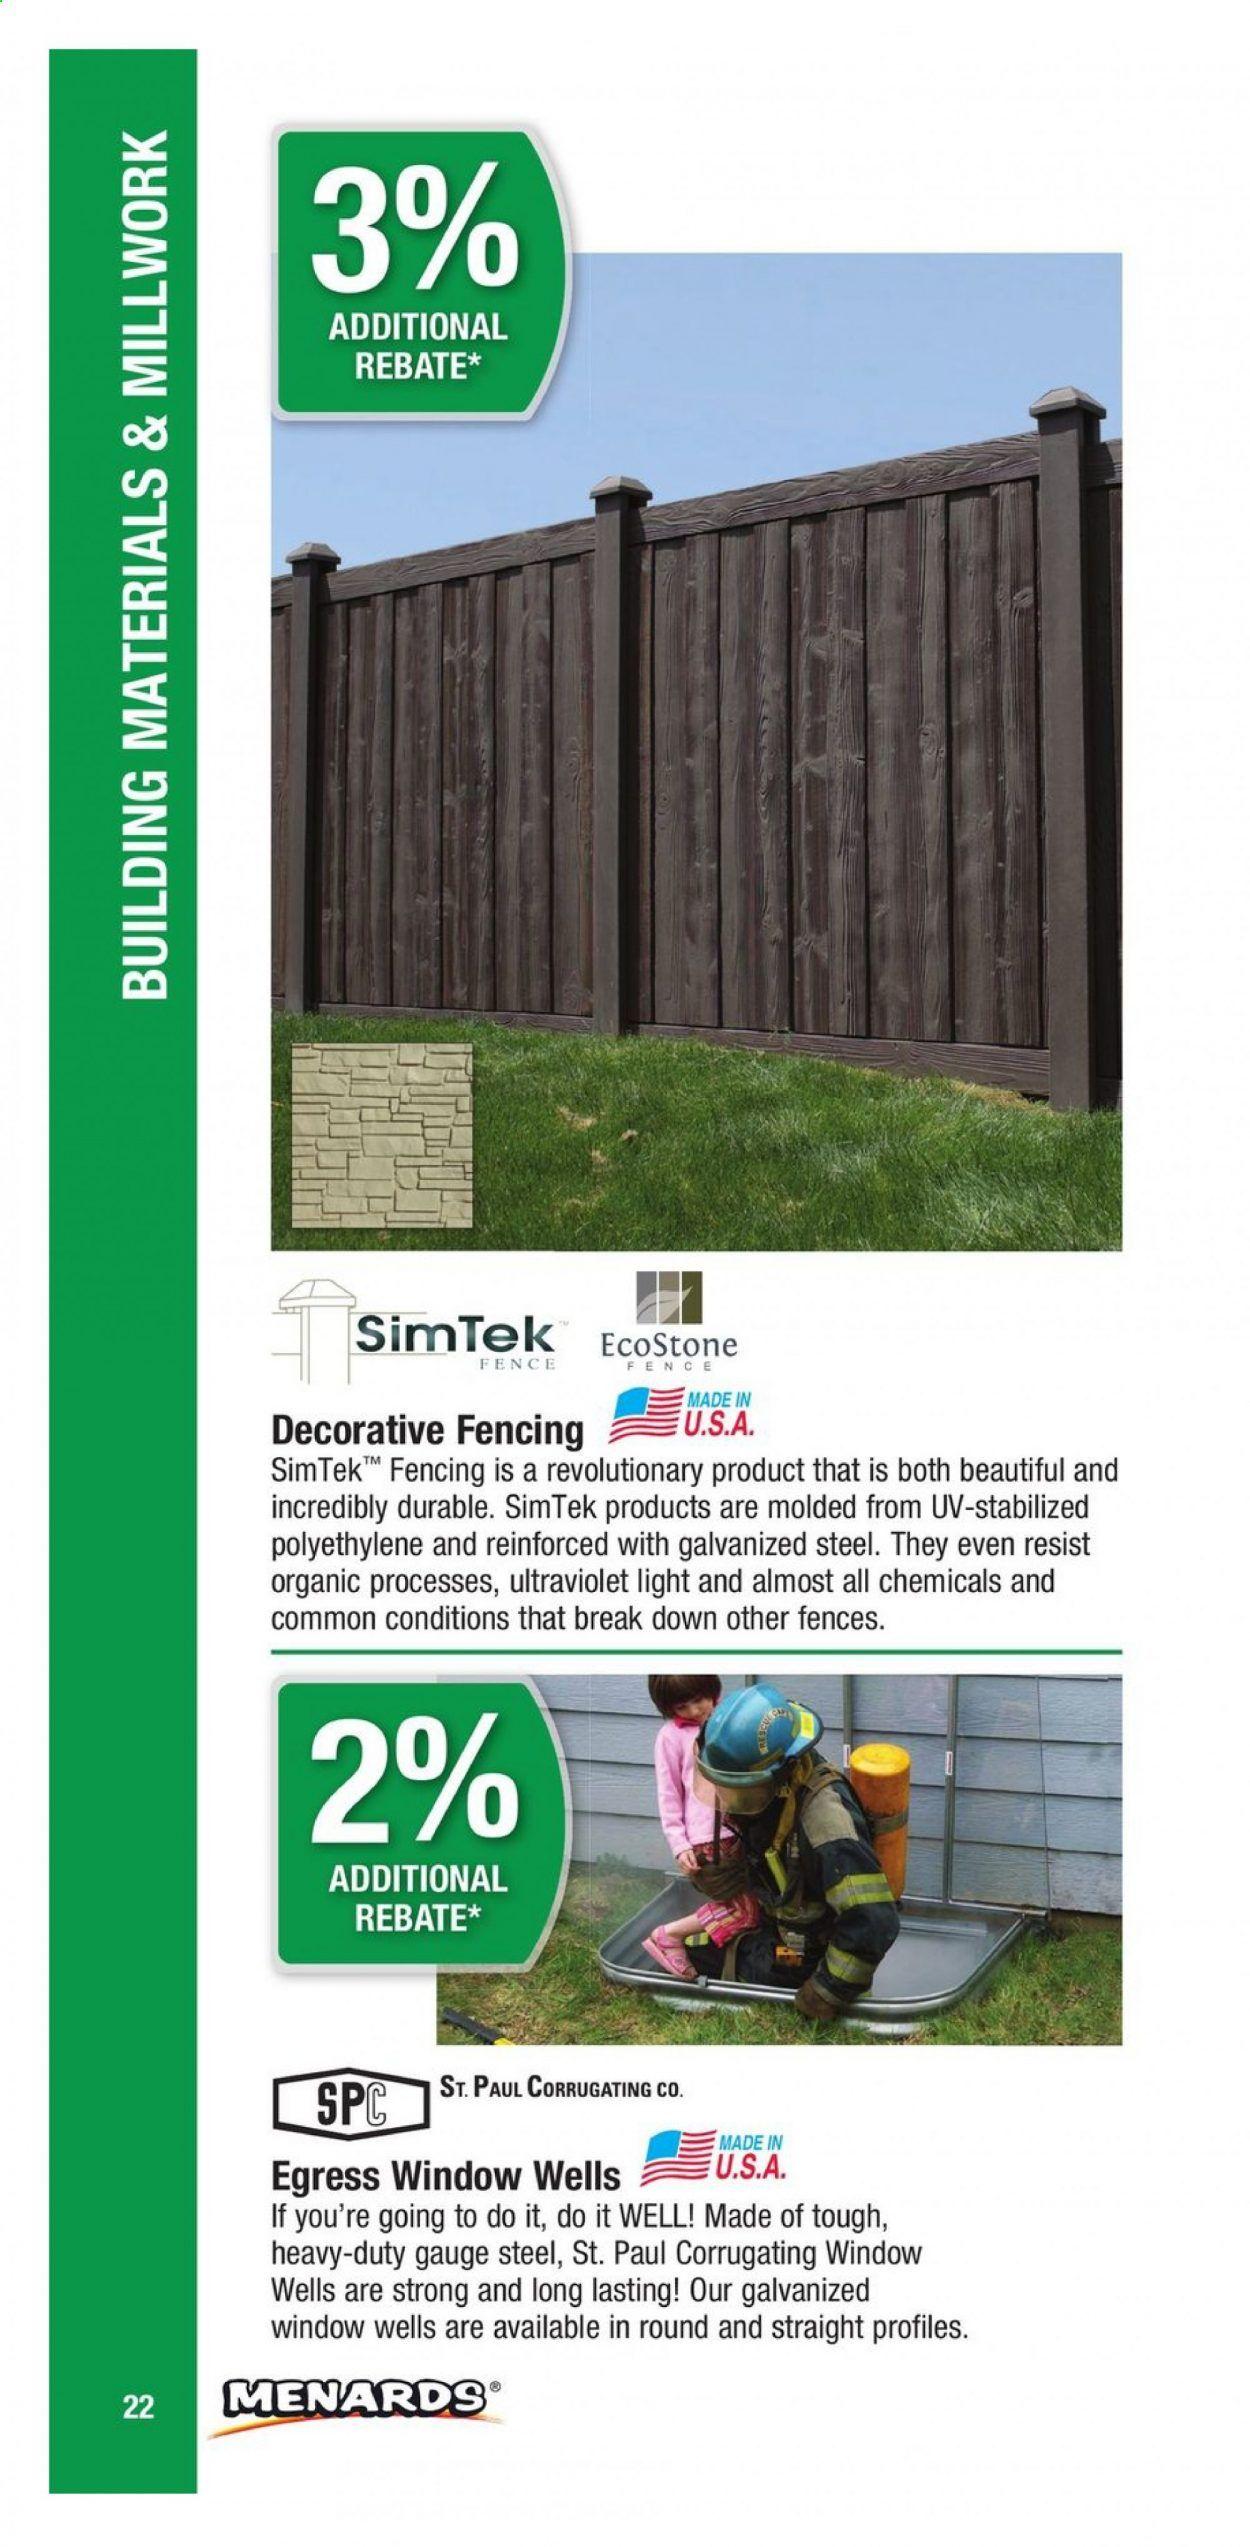 Menards Contractor Rebate Program 2021 - Page 22